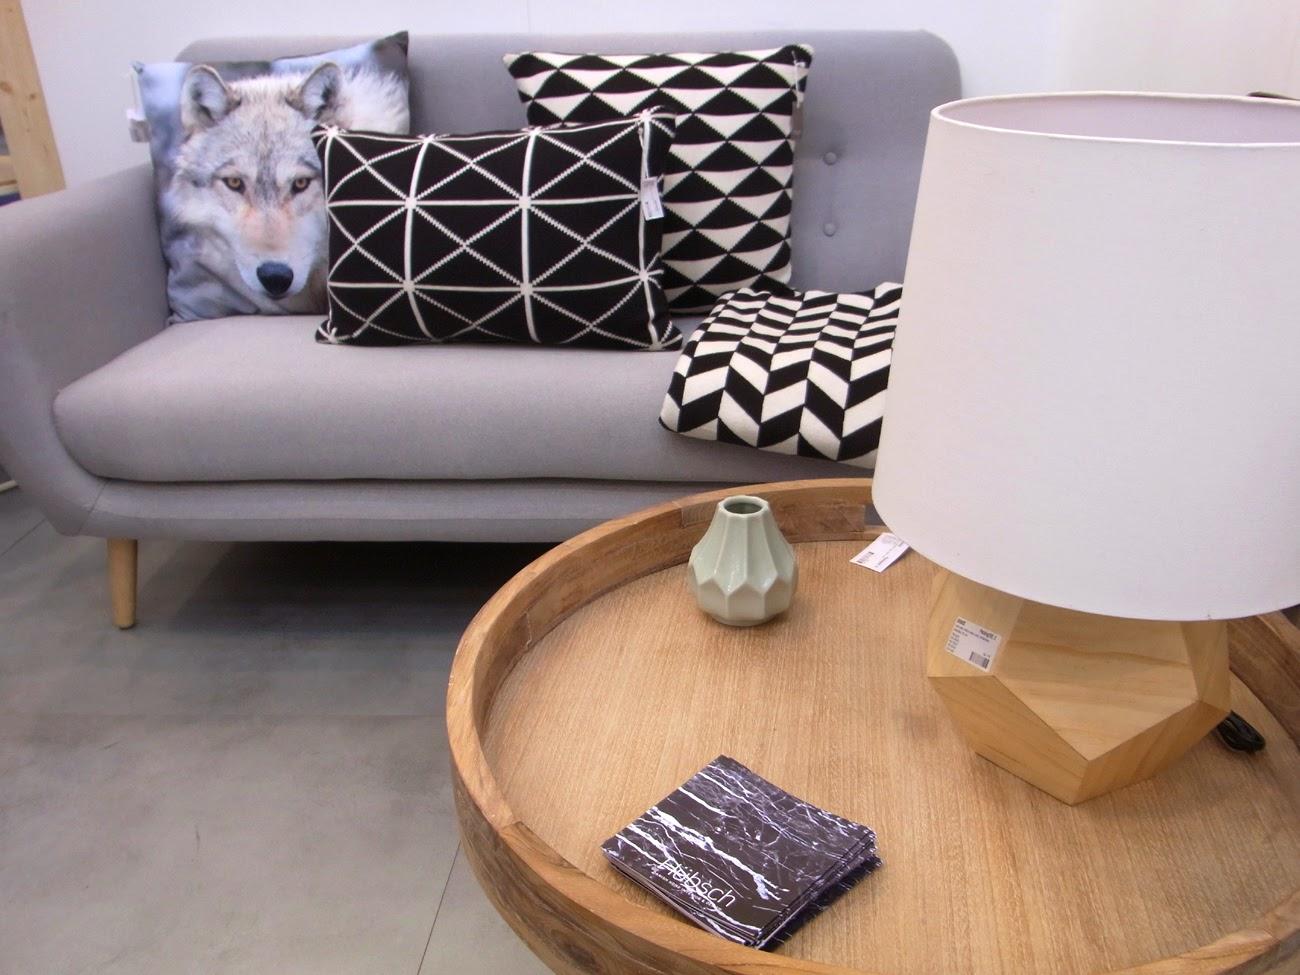 graues Sofa, schwarz weißes Kissen geometrisches Muster, Beistelltisch rund Holz, Tischlampe Lampe mit Holzfuß und hellem Lampenschirm